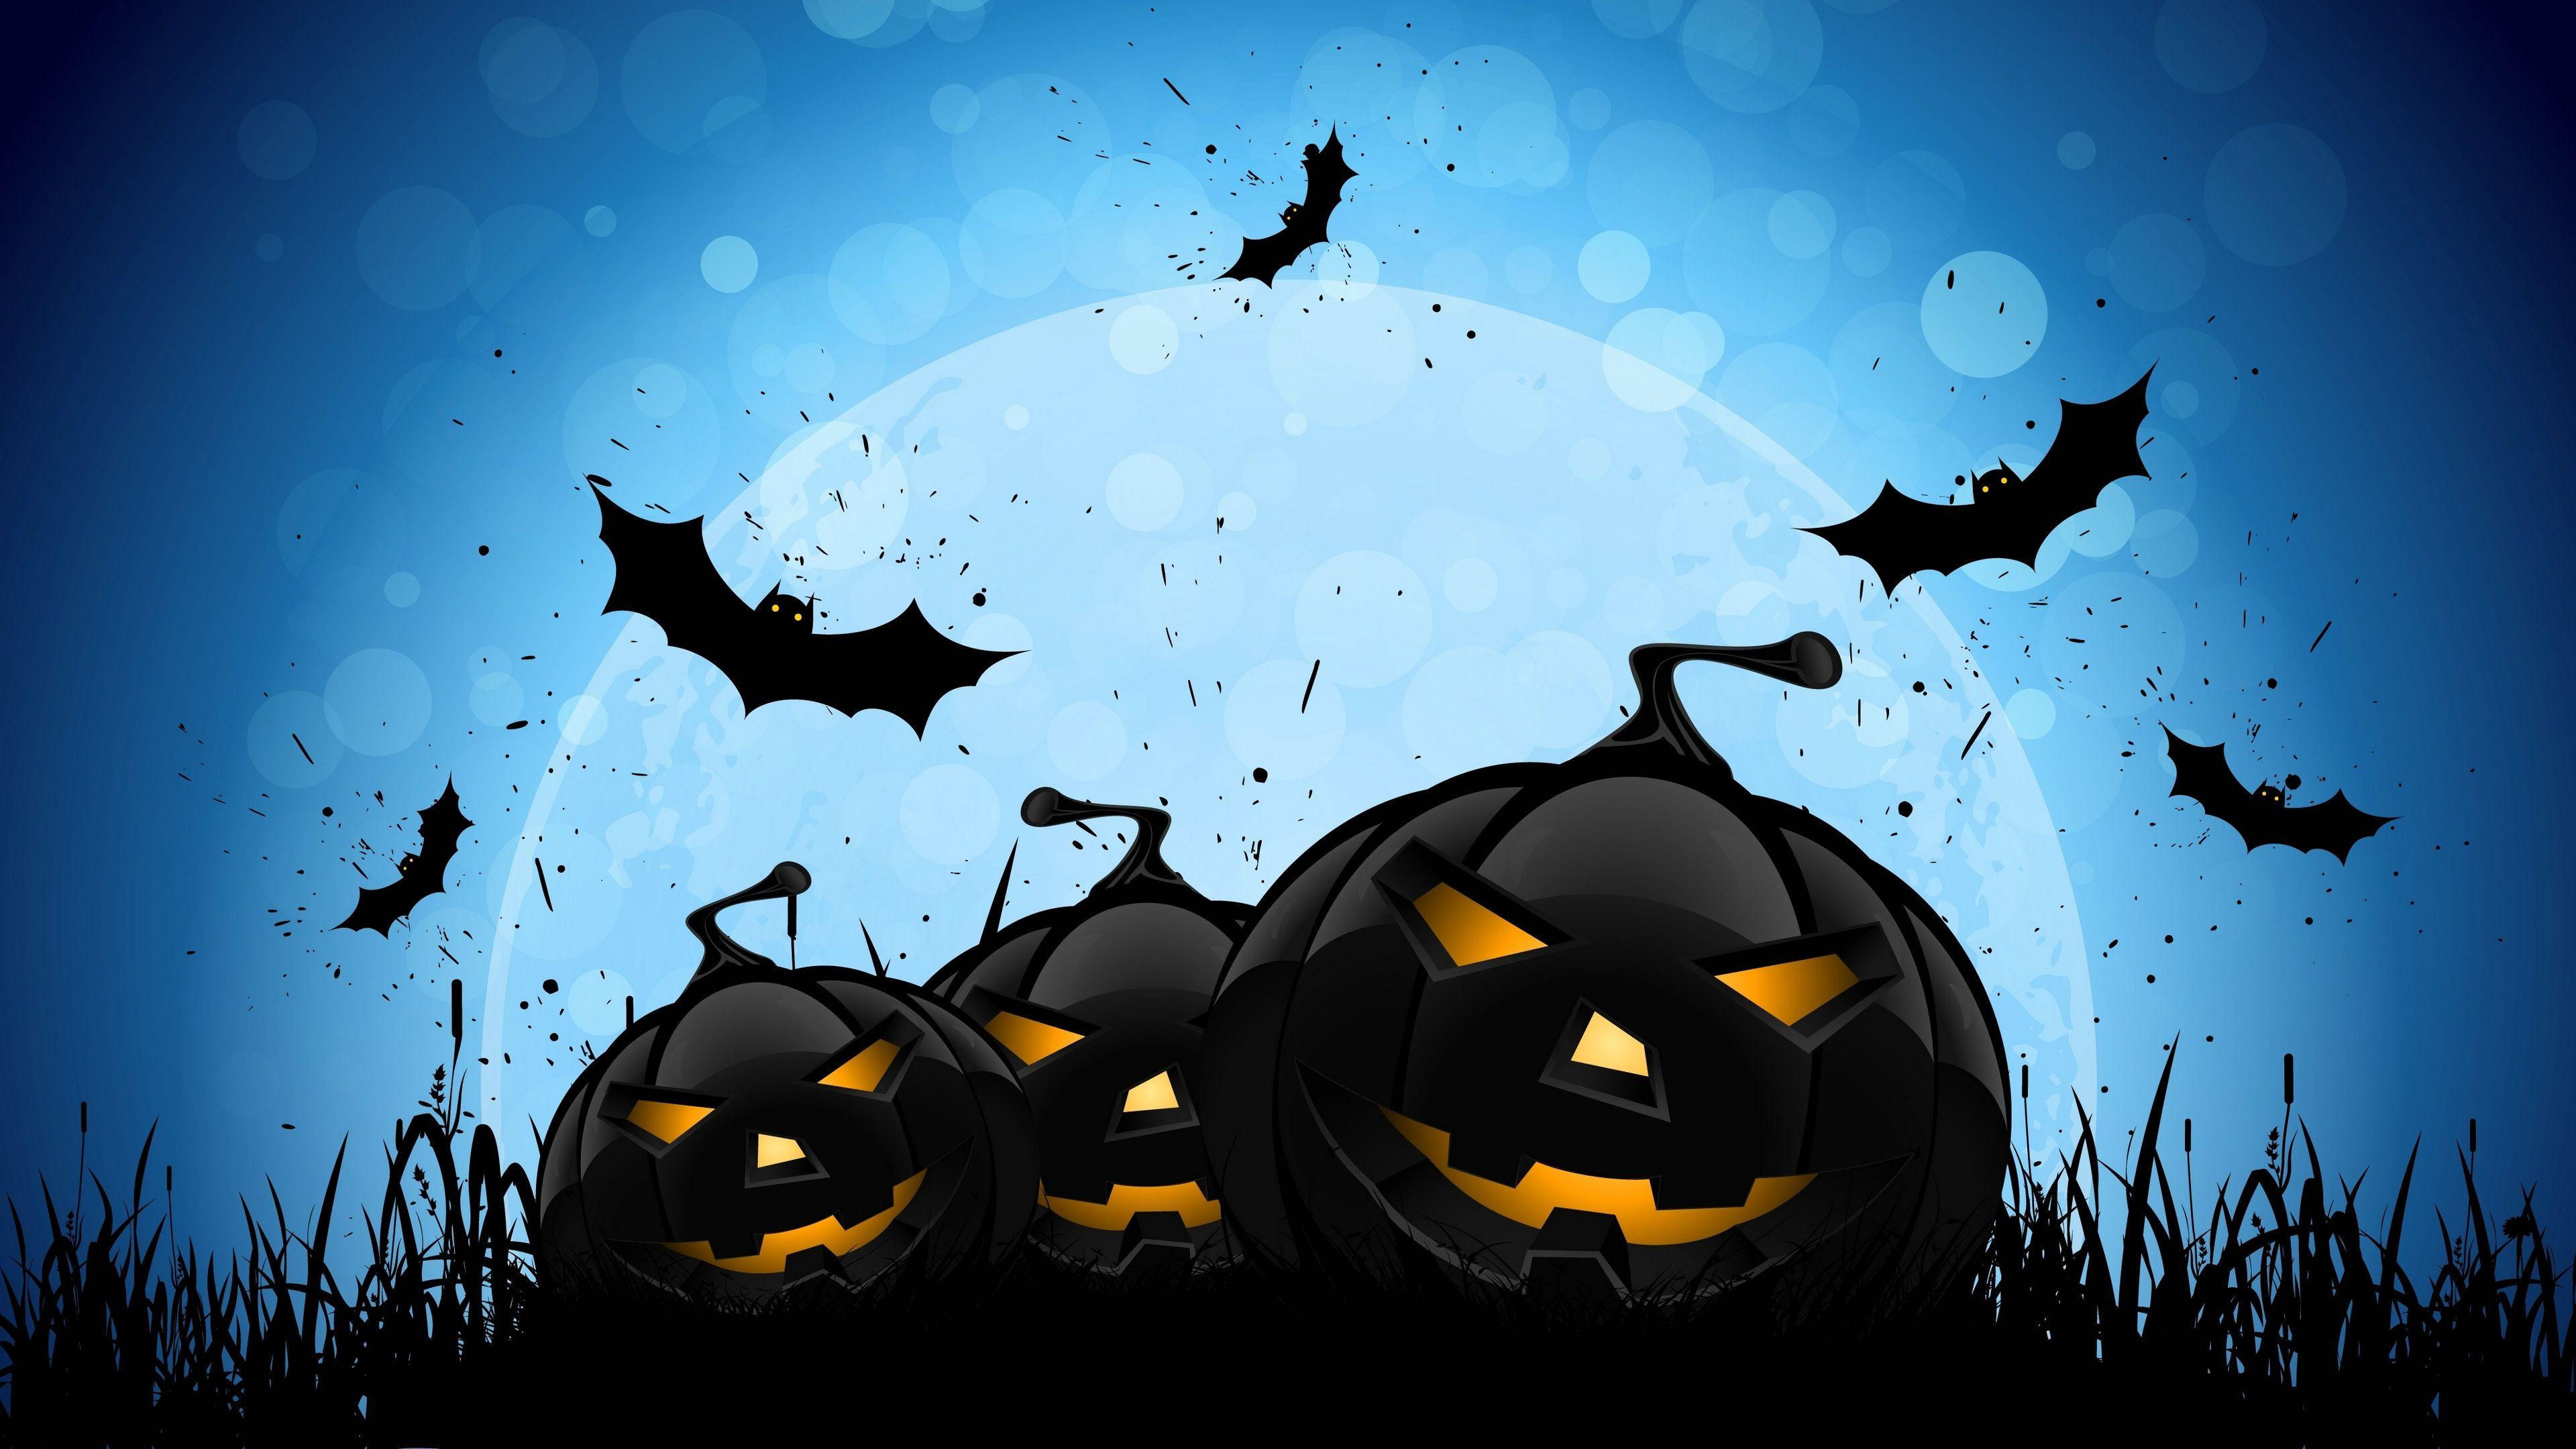 Halloween Wallpapers   Top Halloween Backgrounds 3840x2160